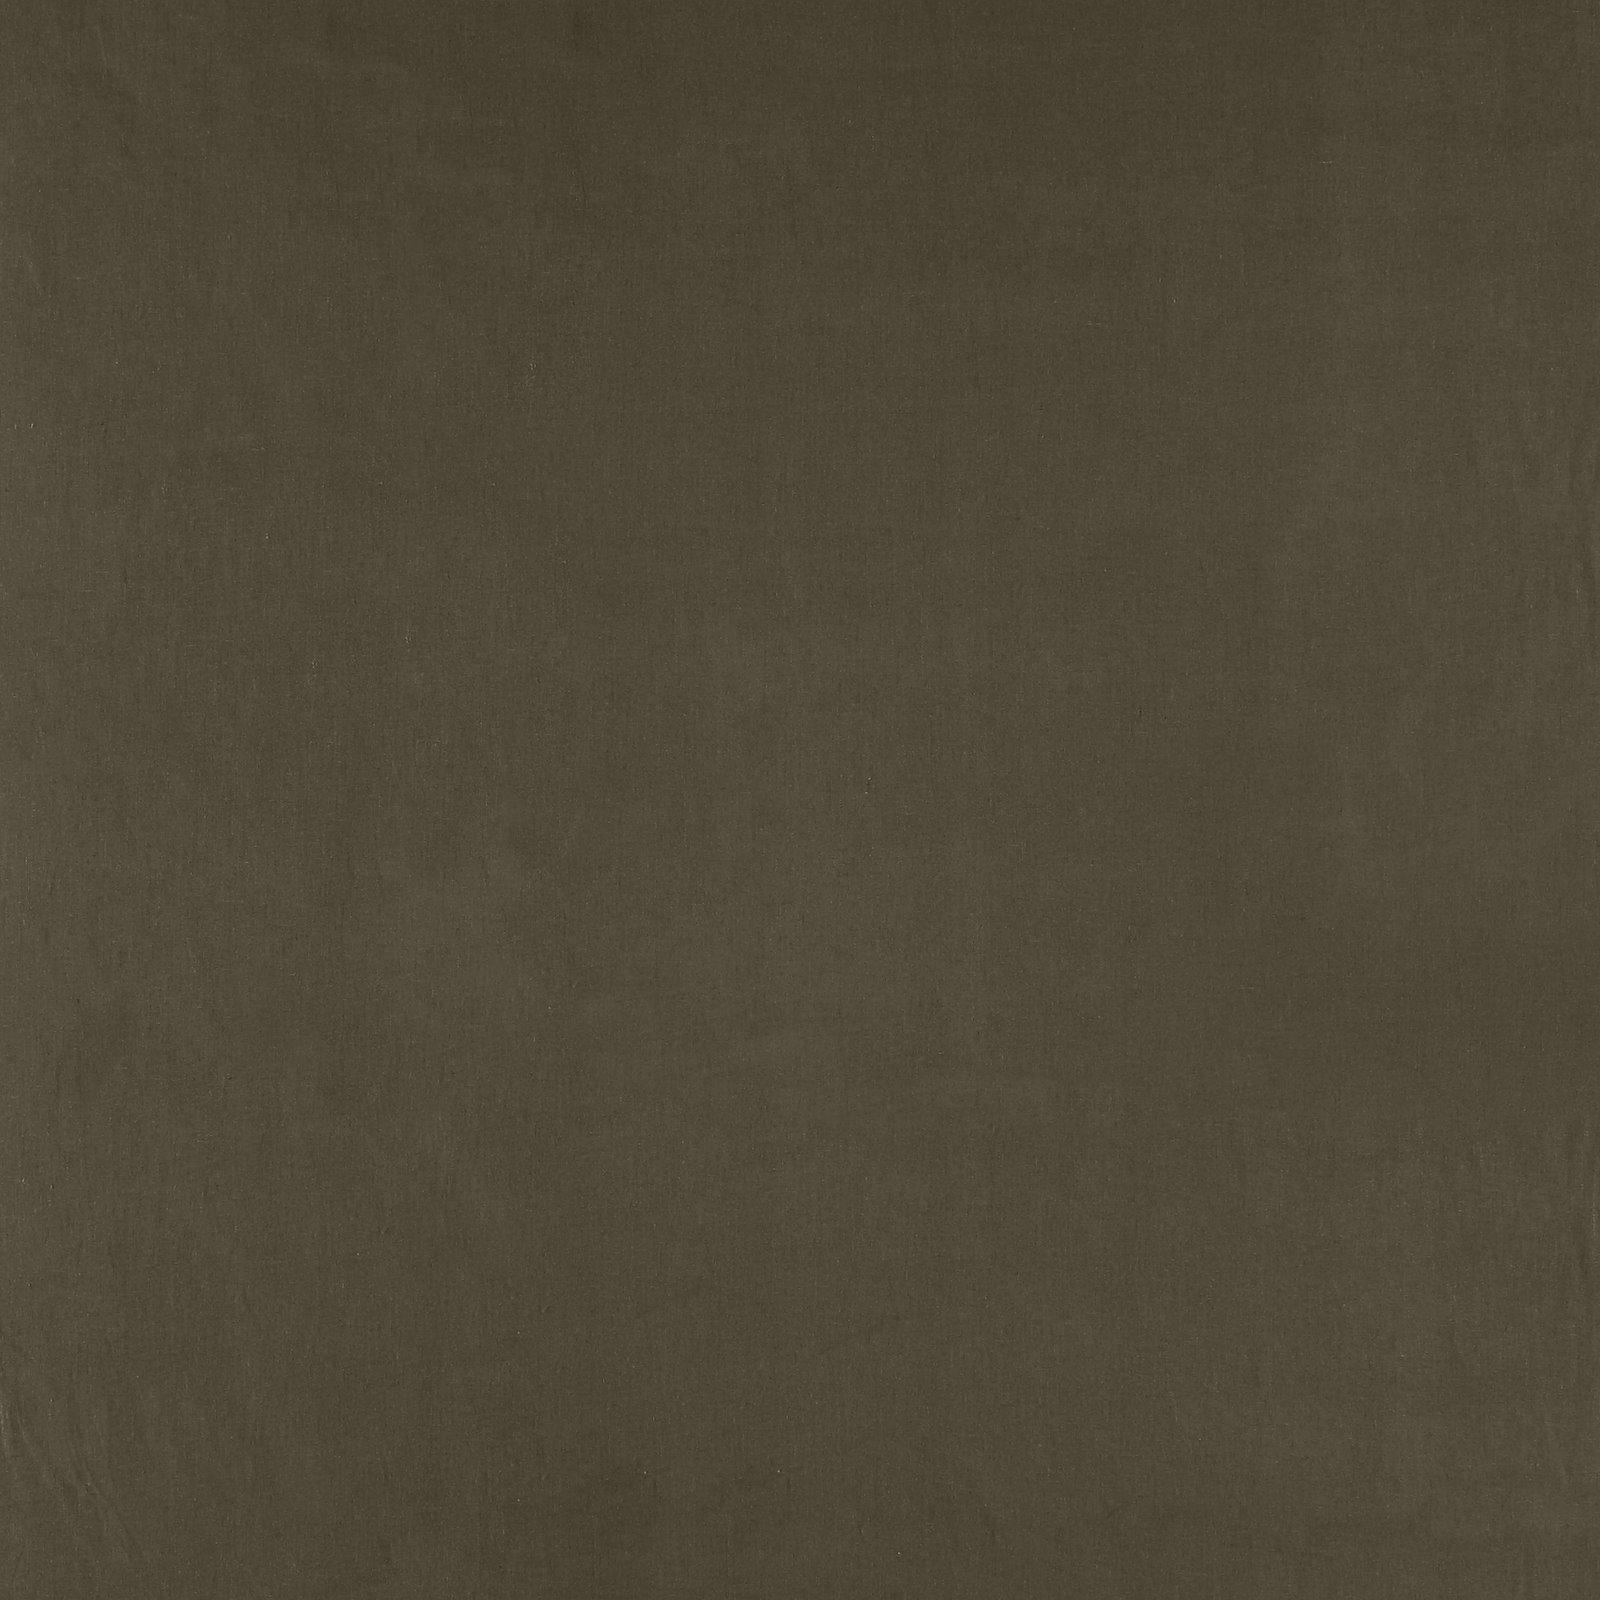 Light linen/viscose dark walnut 510961_pack_solid